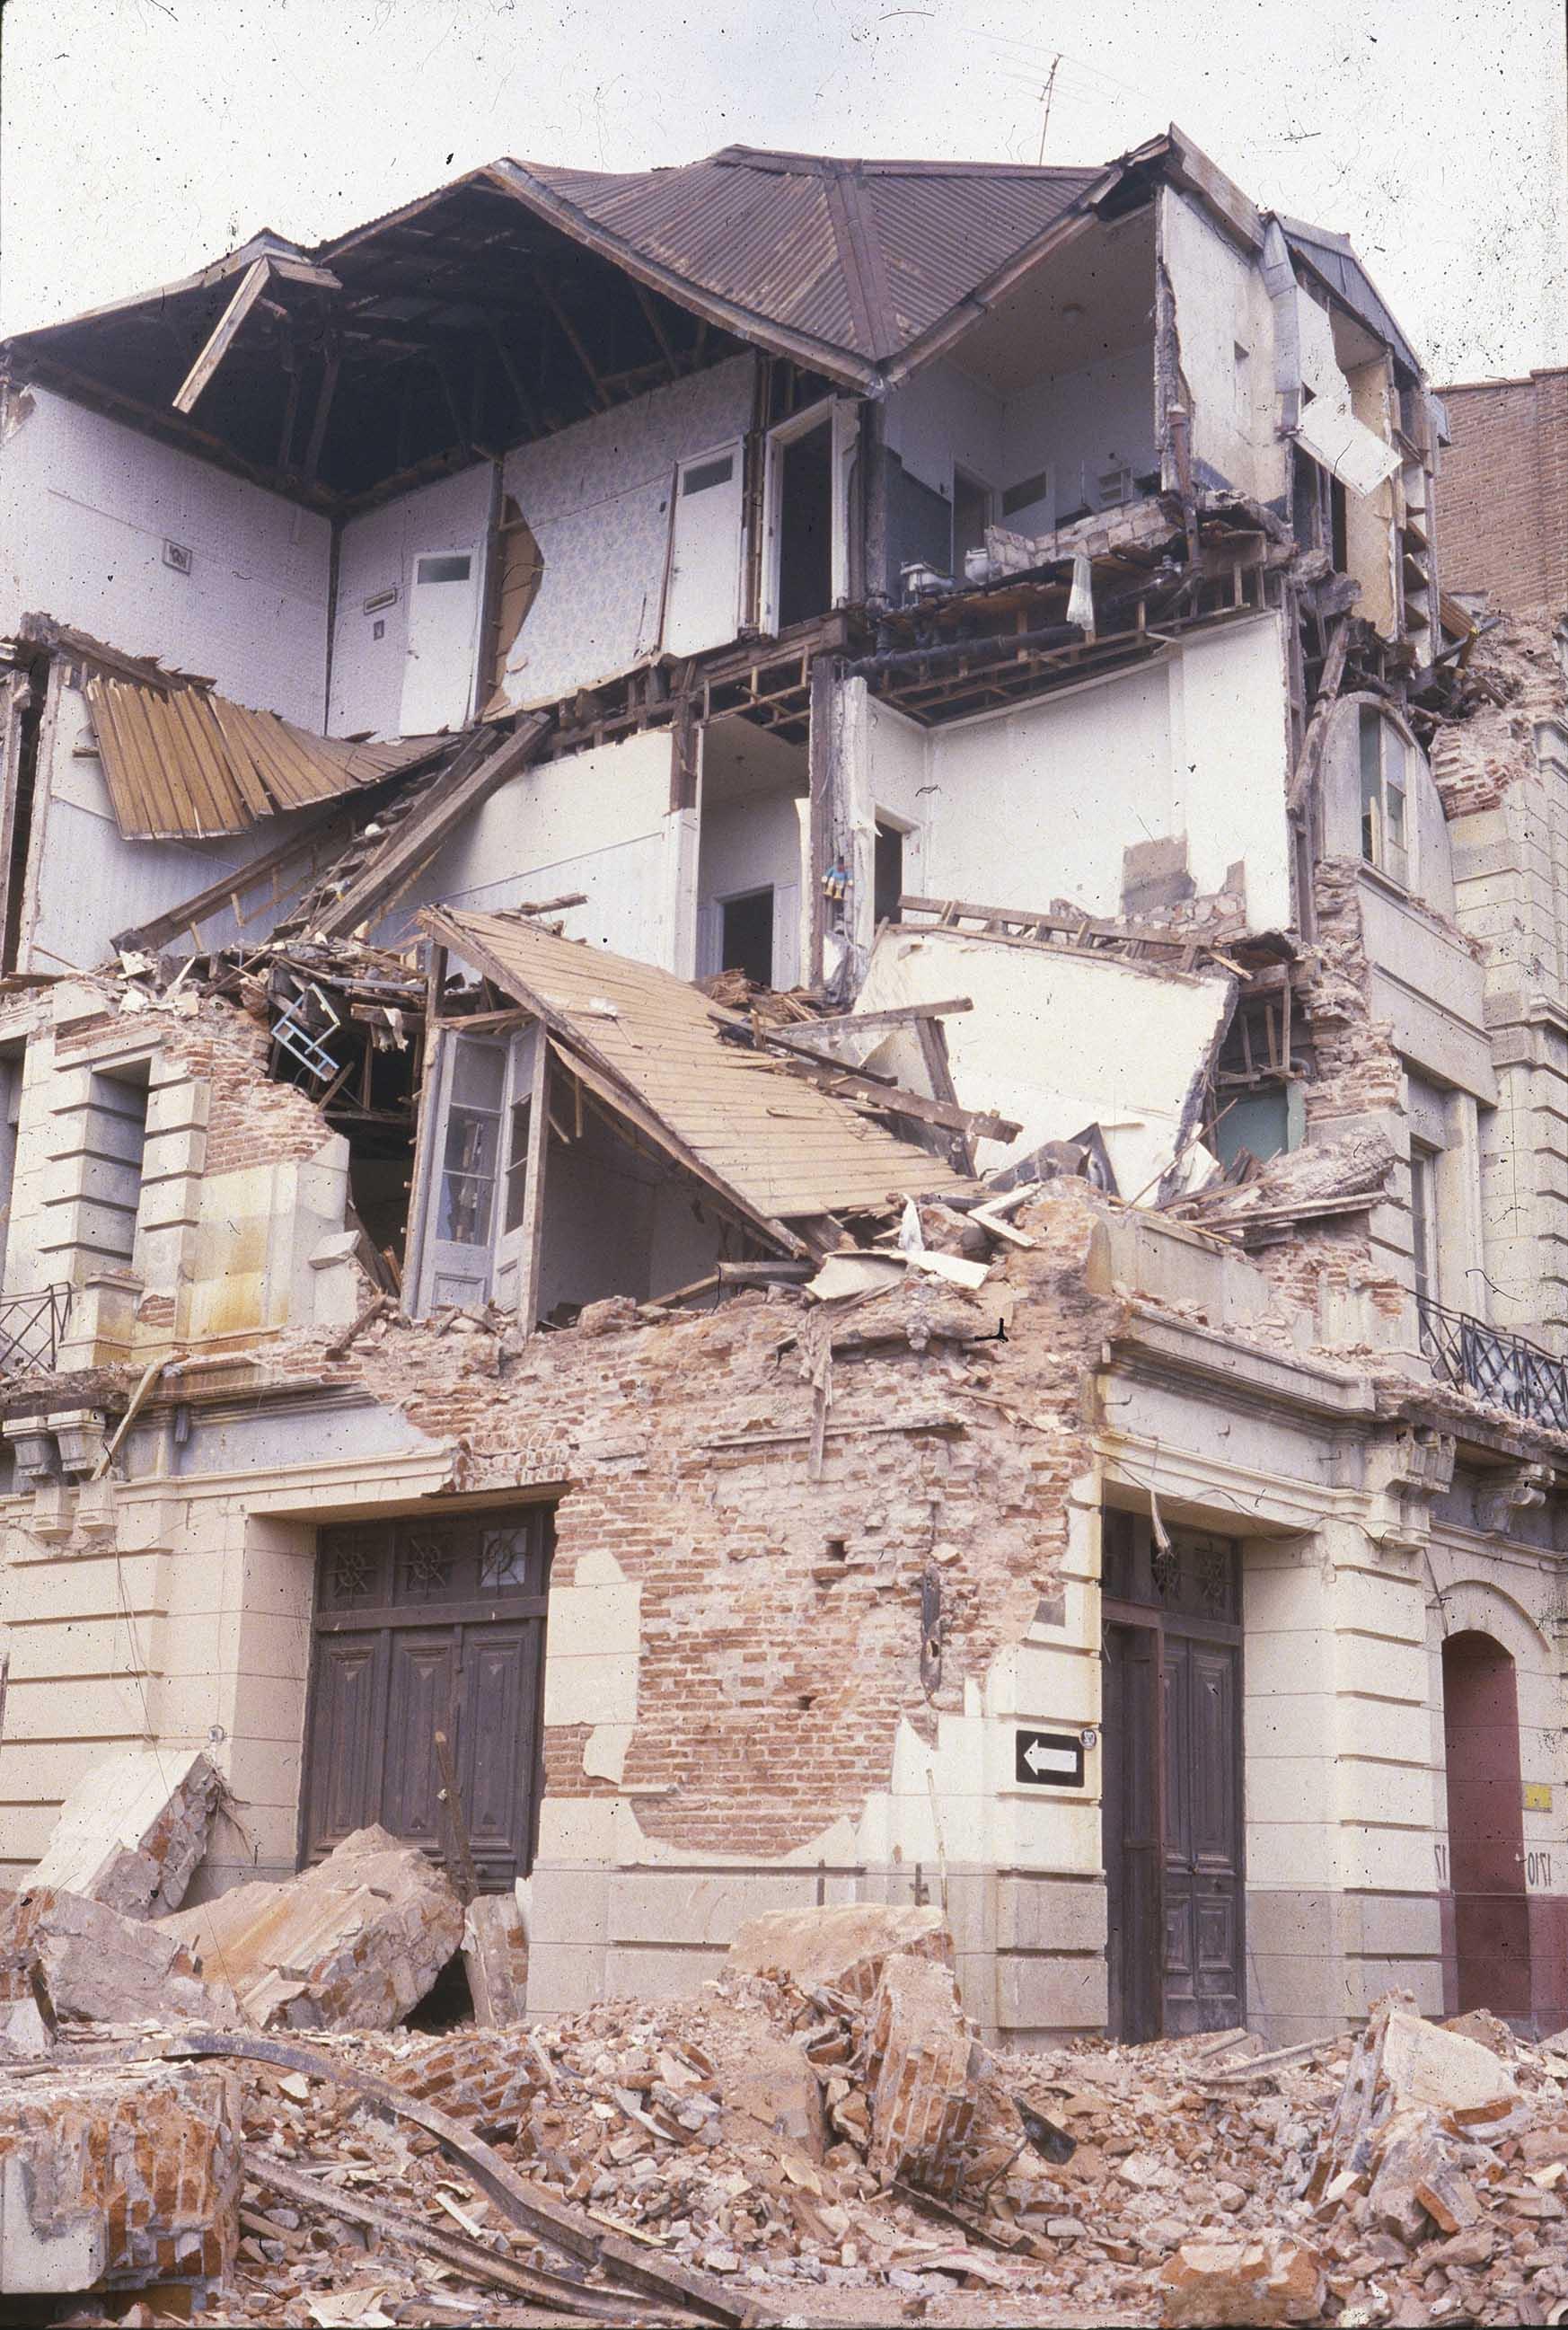 Enterreno - Fotos históricas de chile - fotos antiguas de Chile - Efectos del terremoto de 1985 en Valparaíso